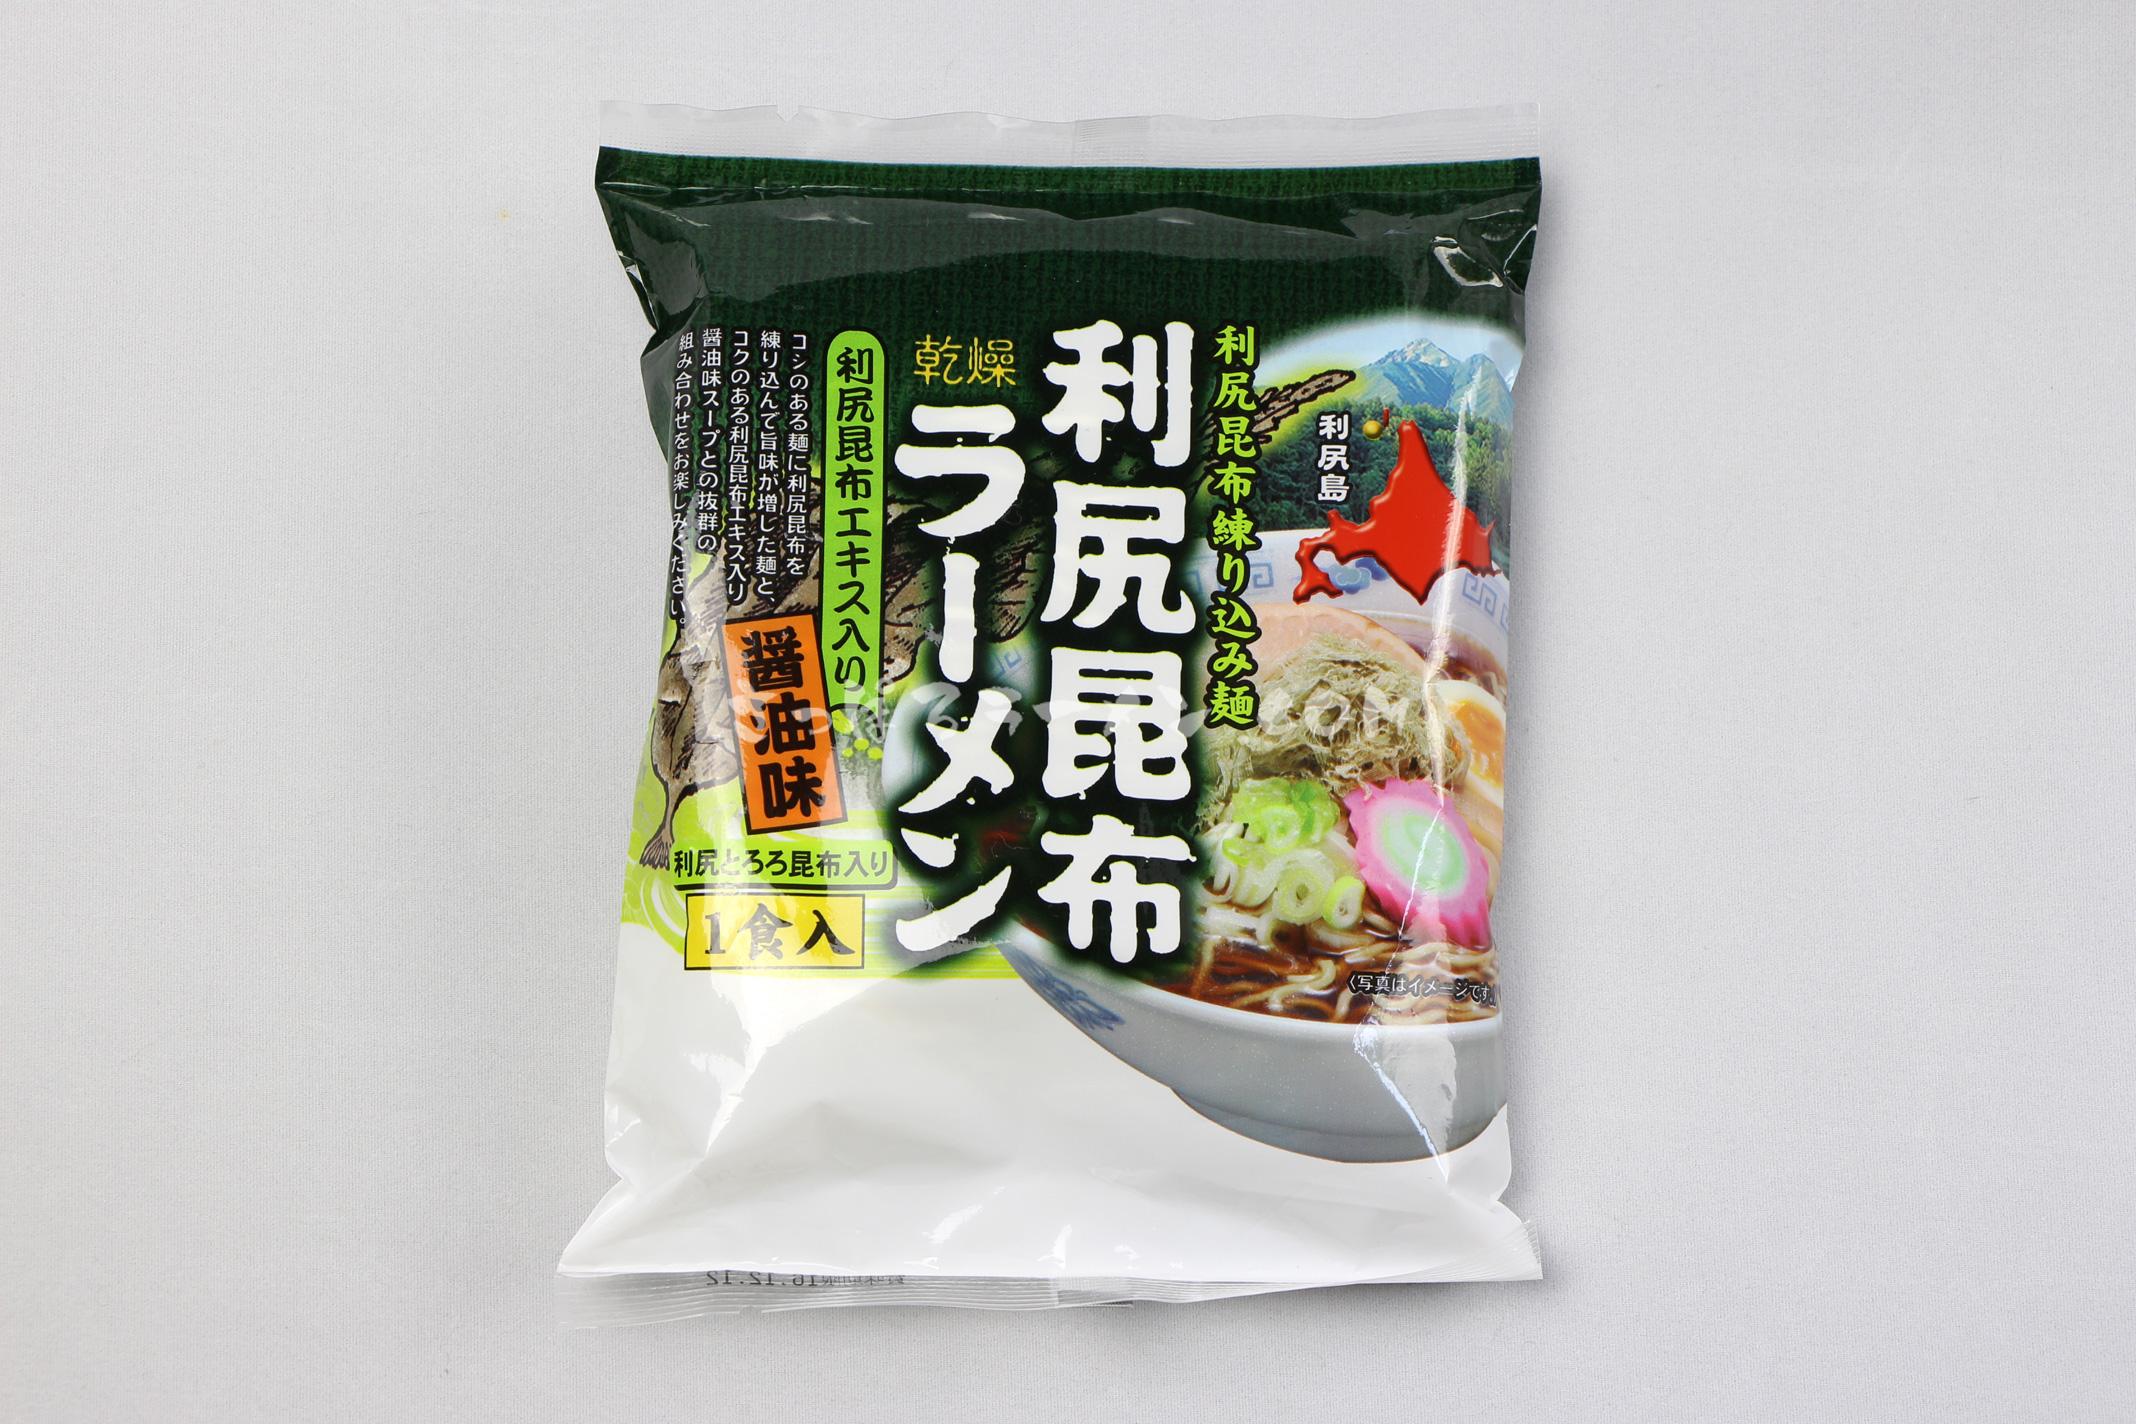 「利尻昆布ラーメン 醤油味」(有限会社ミツヤ利尻店)のパッケージ(表)